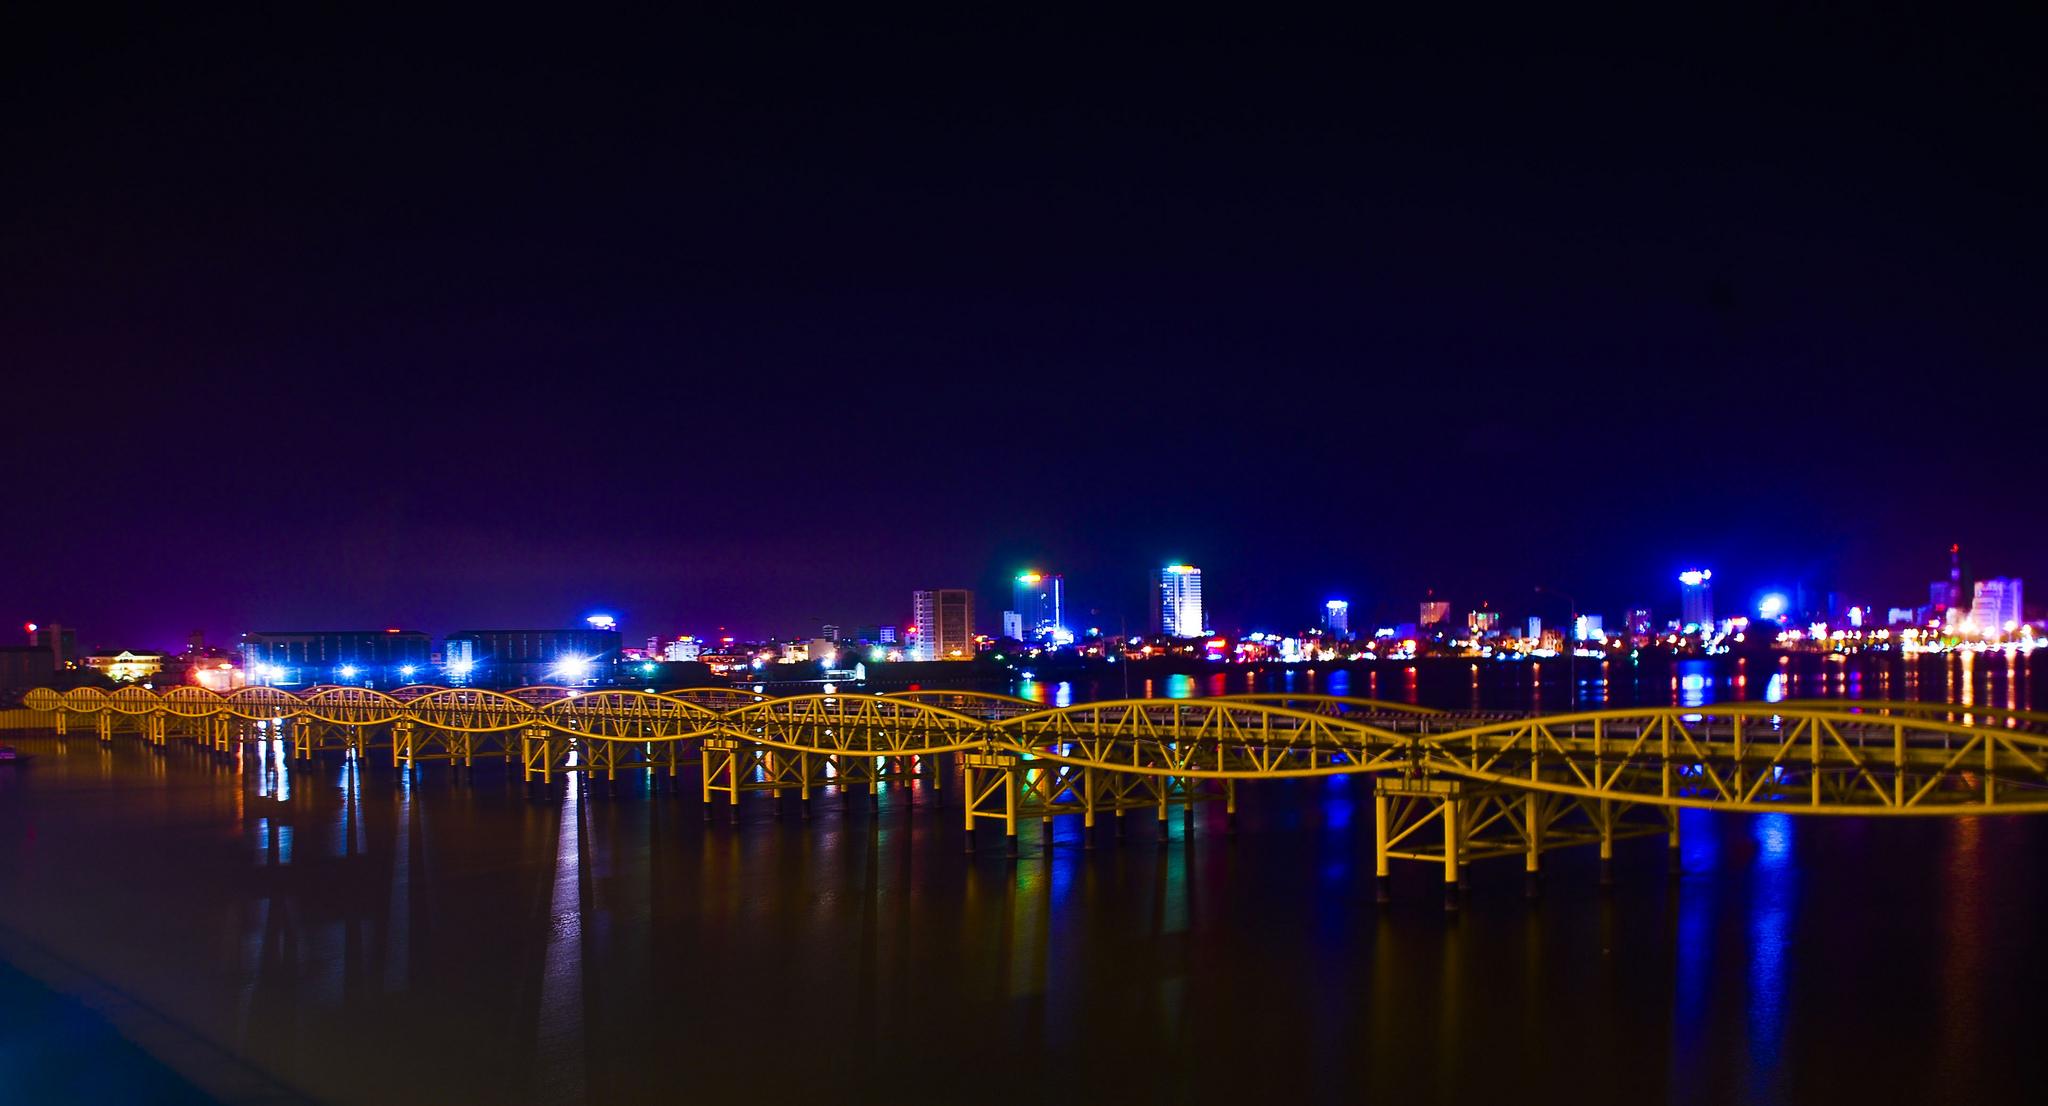 Cầu Nguyễn Văn Trỗi Đà Nẵng